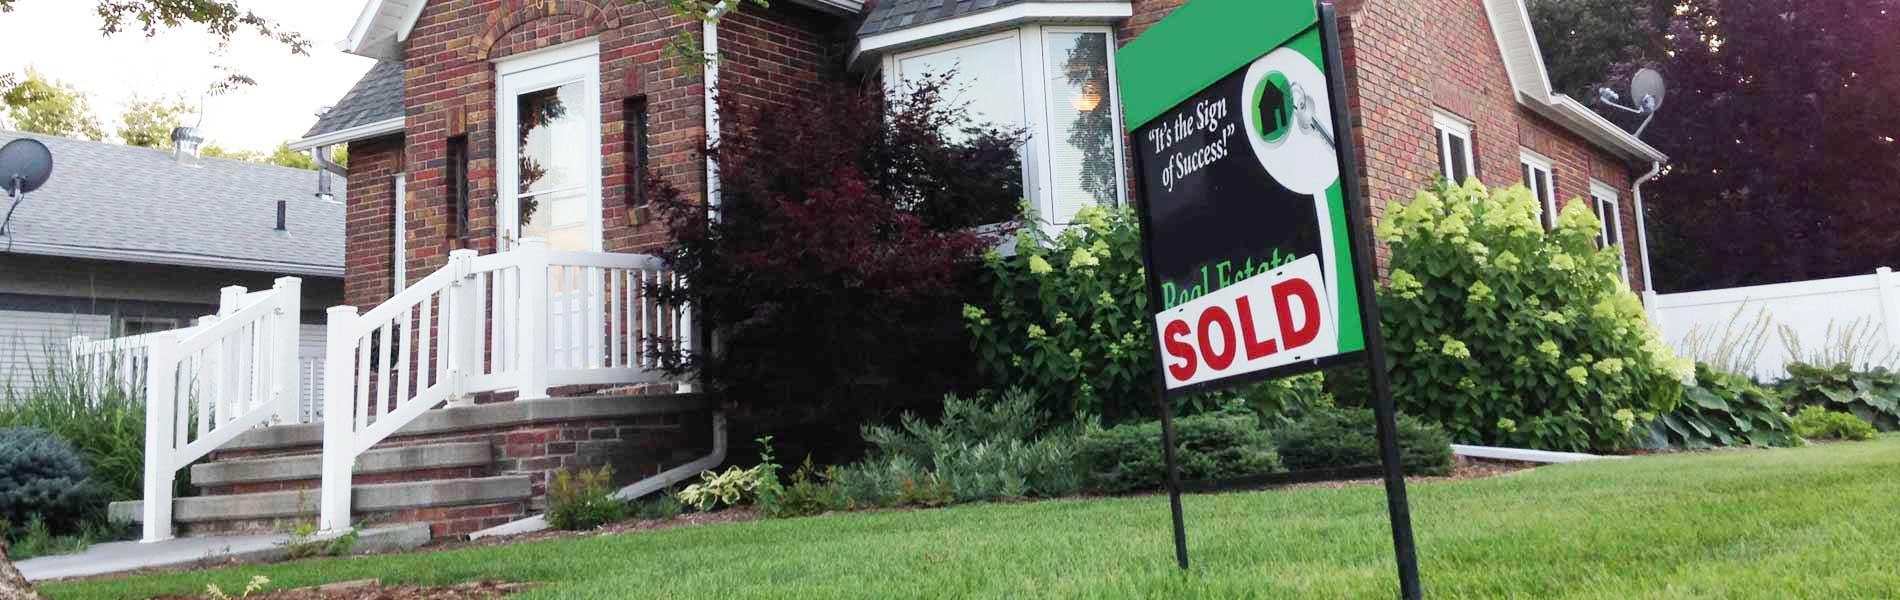 Home Loans Program